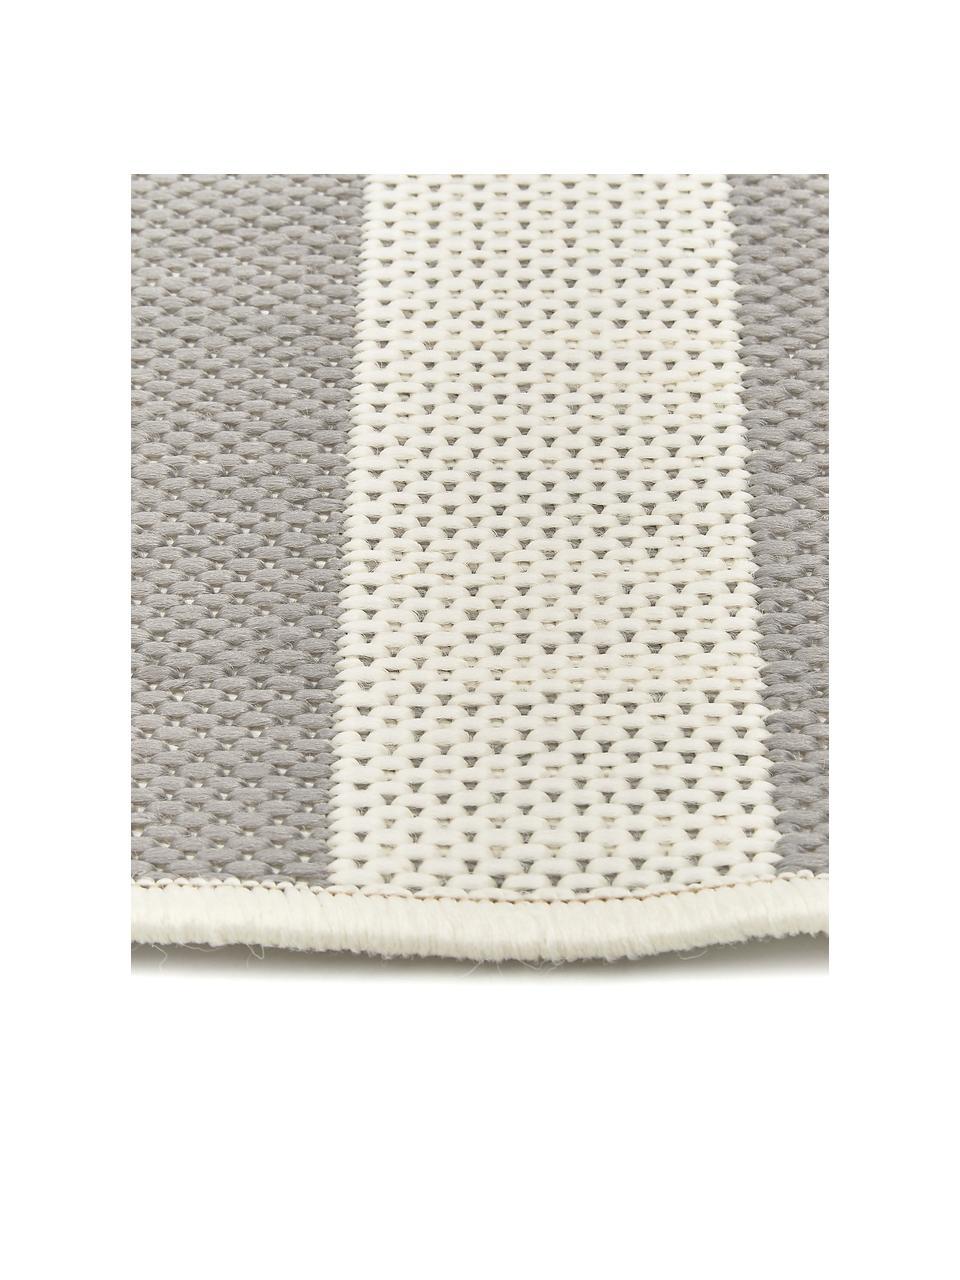 Tappeto a righe color grigio/bianco da interno-esterno Axa, 86% polipropilene, 14% poliestere, Bianco crema, grigio, Larg. 200 x Lung. 290 cm (taglia L)